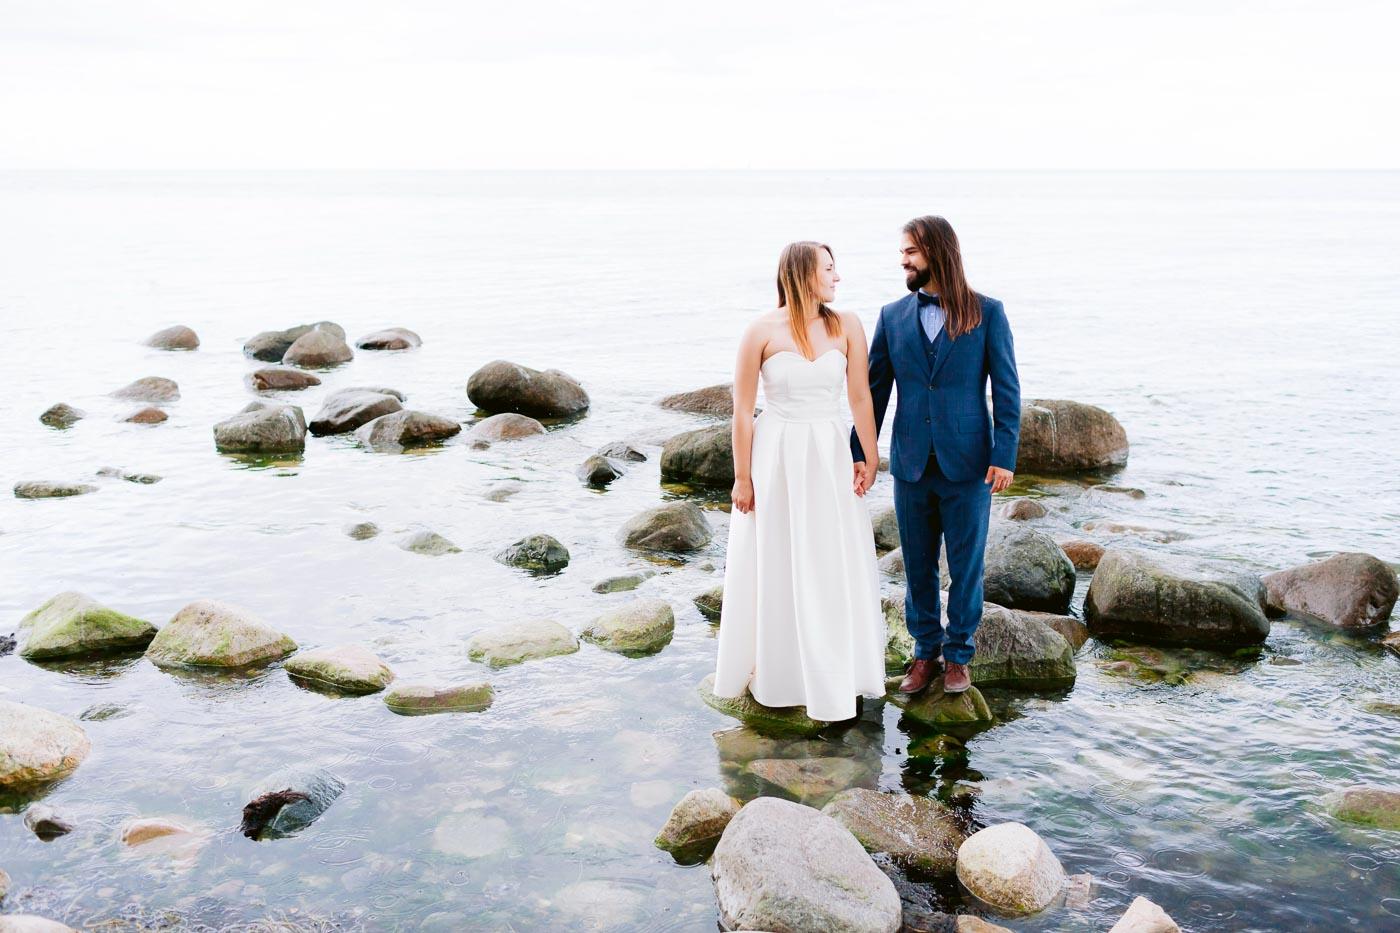 sesja ślubna za granicą na klifach mons klint